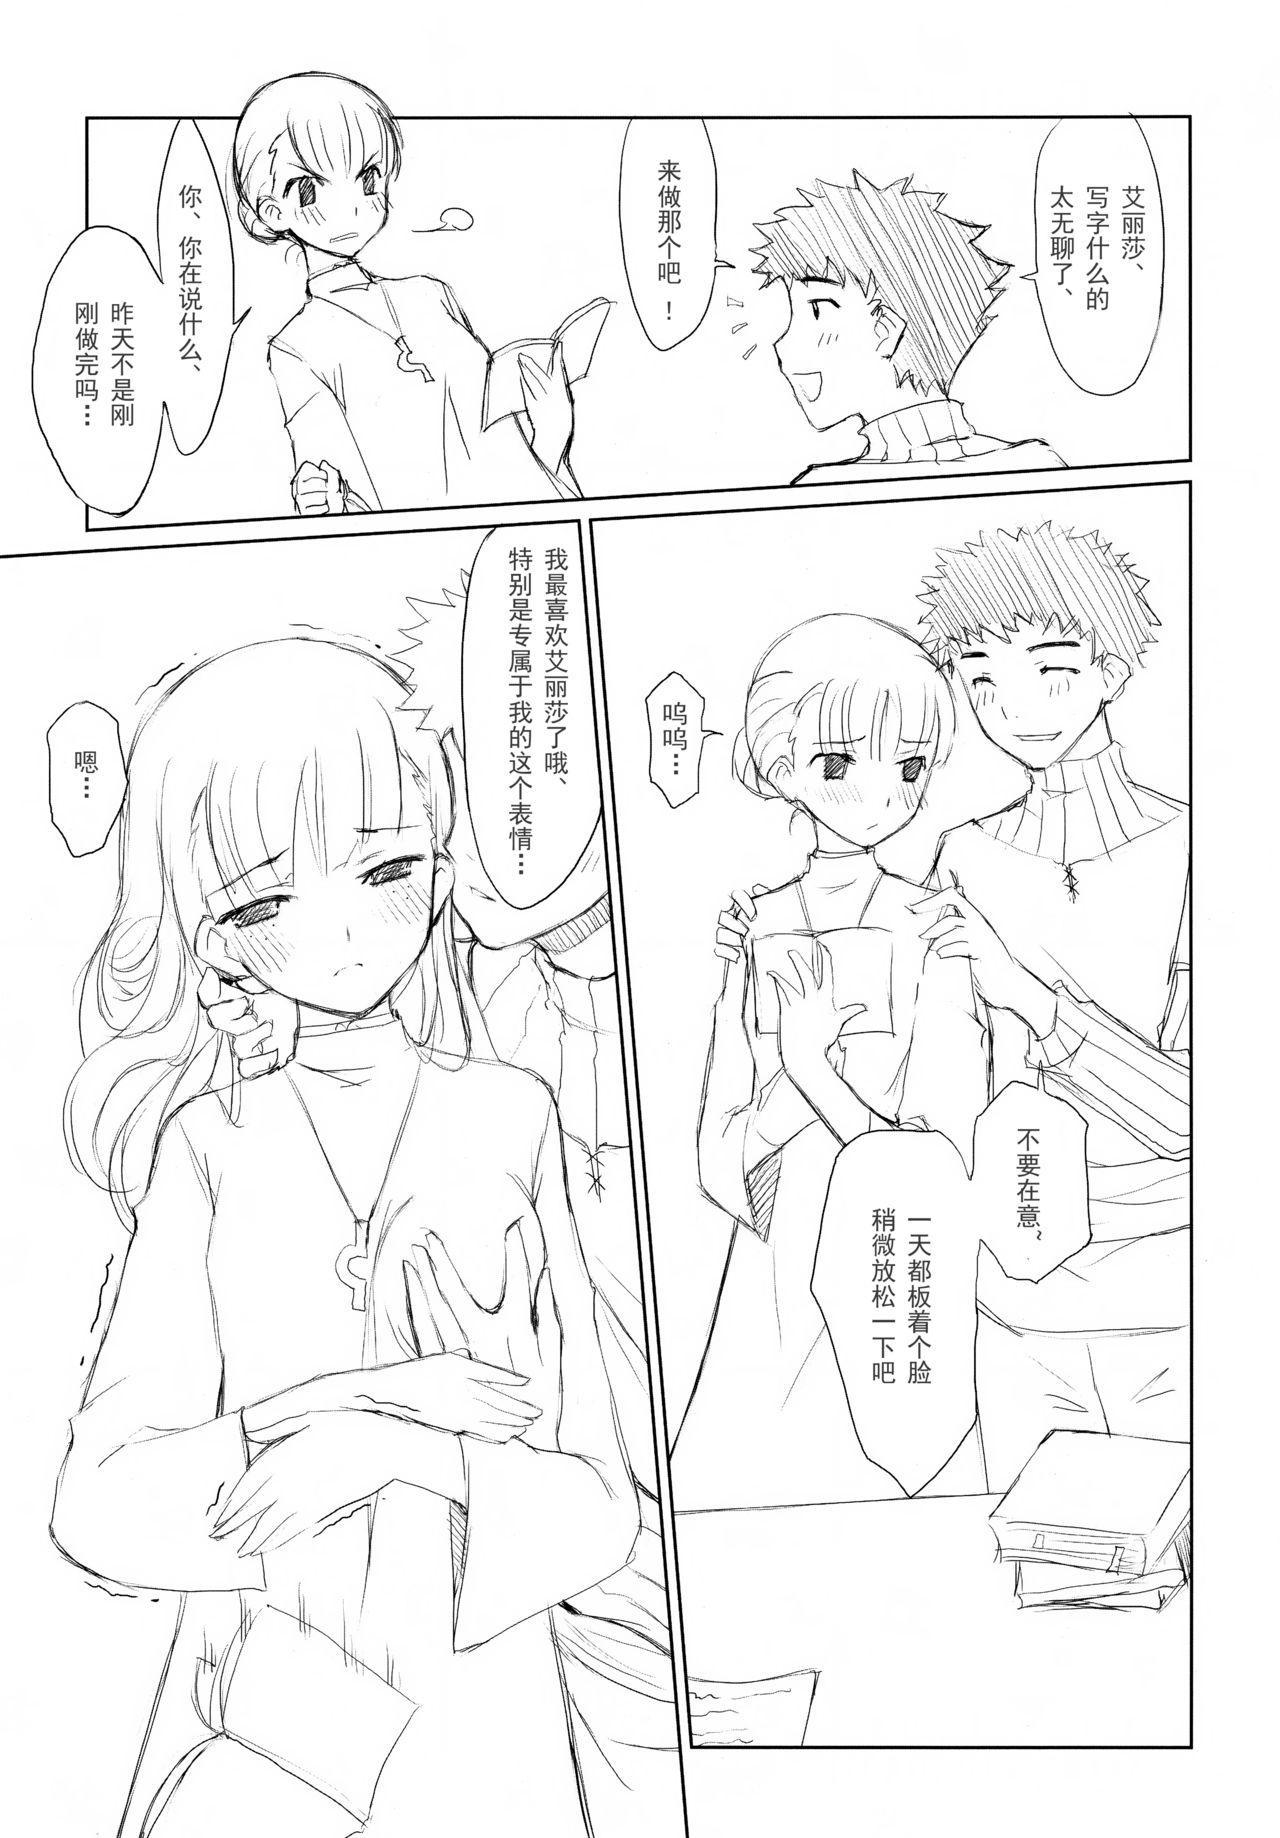 Ookami to Gekishinryou 21